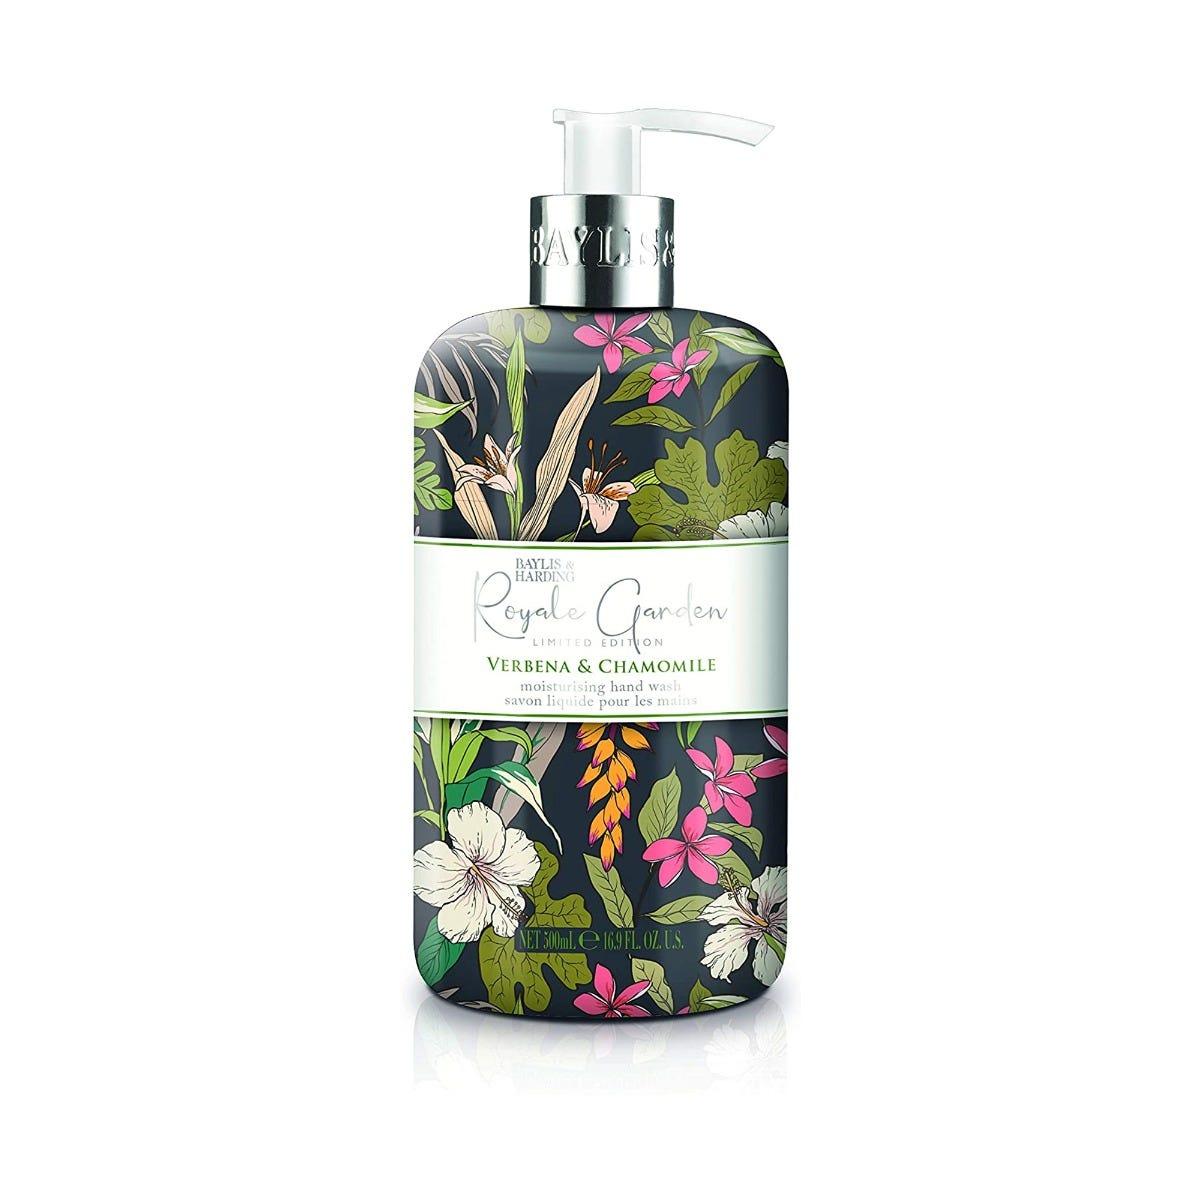 Jabón para manos Baylis & Harding® Royale Garden aroma verbena de limón